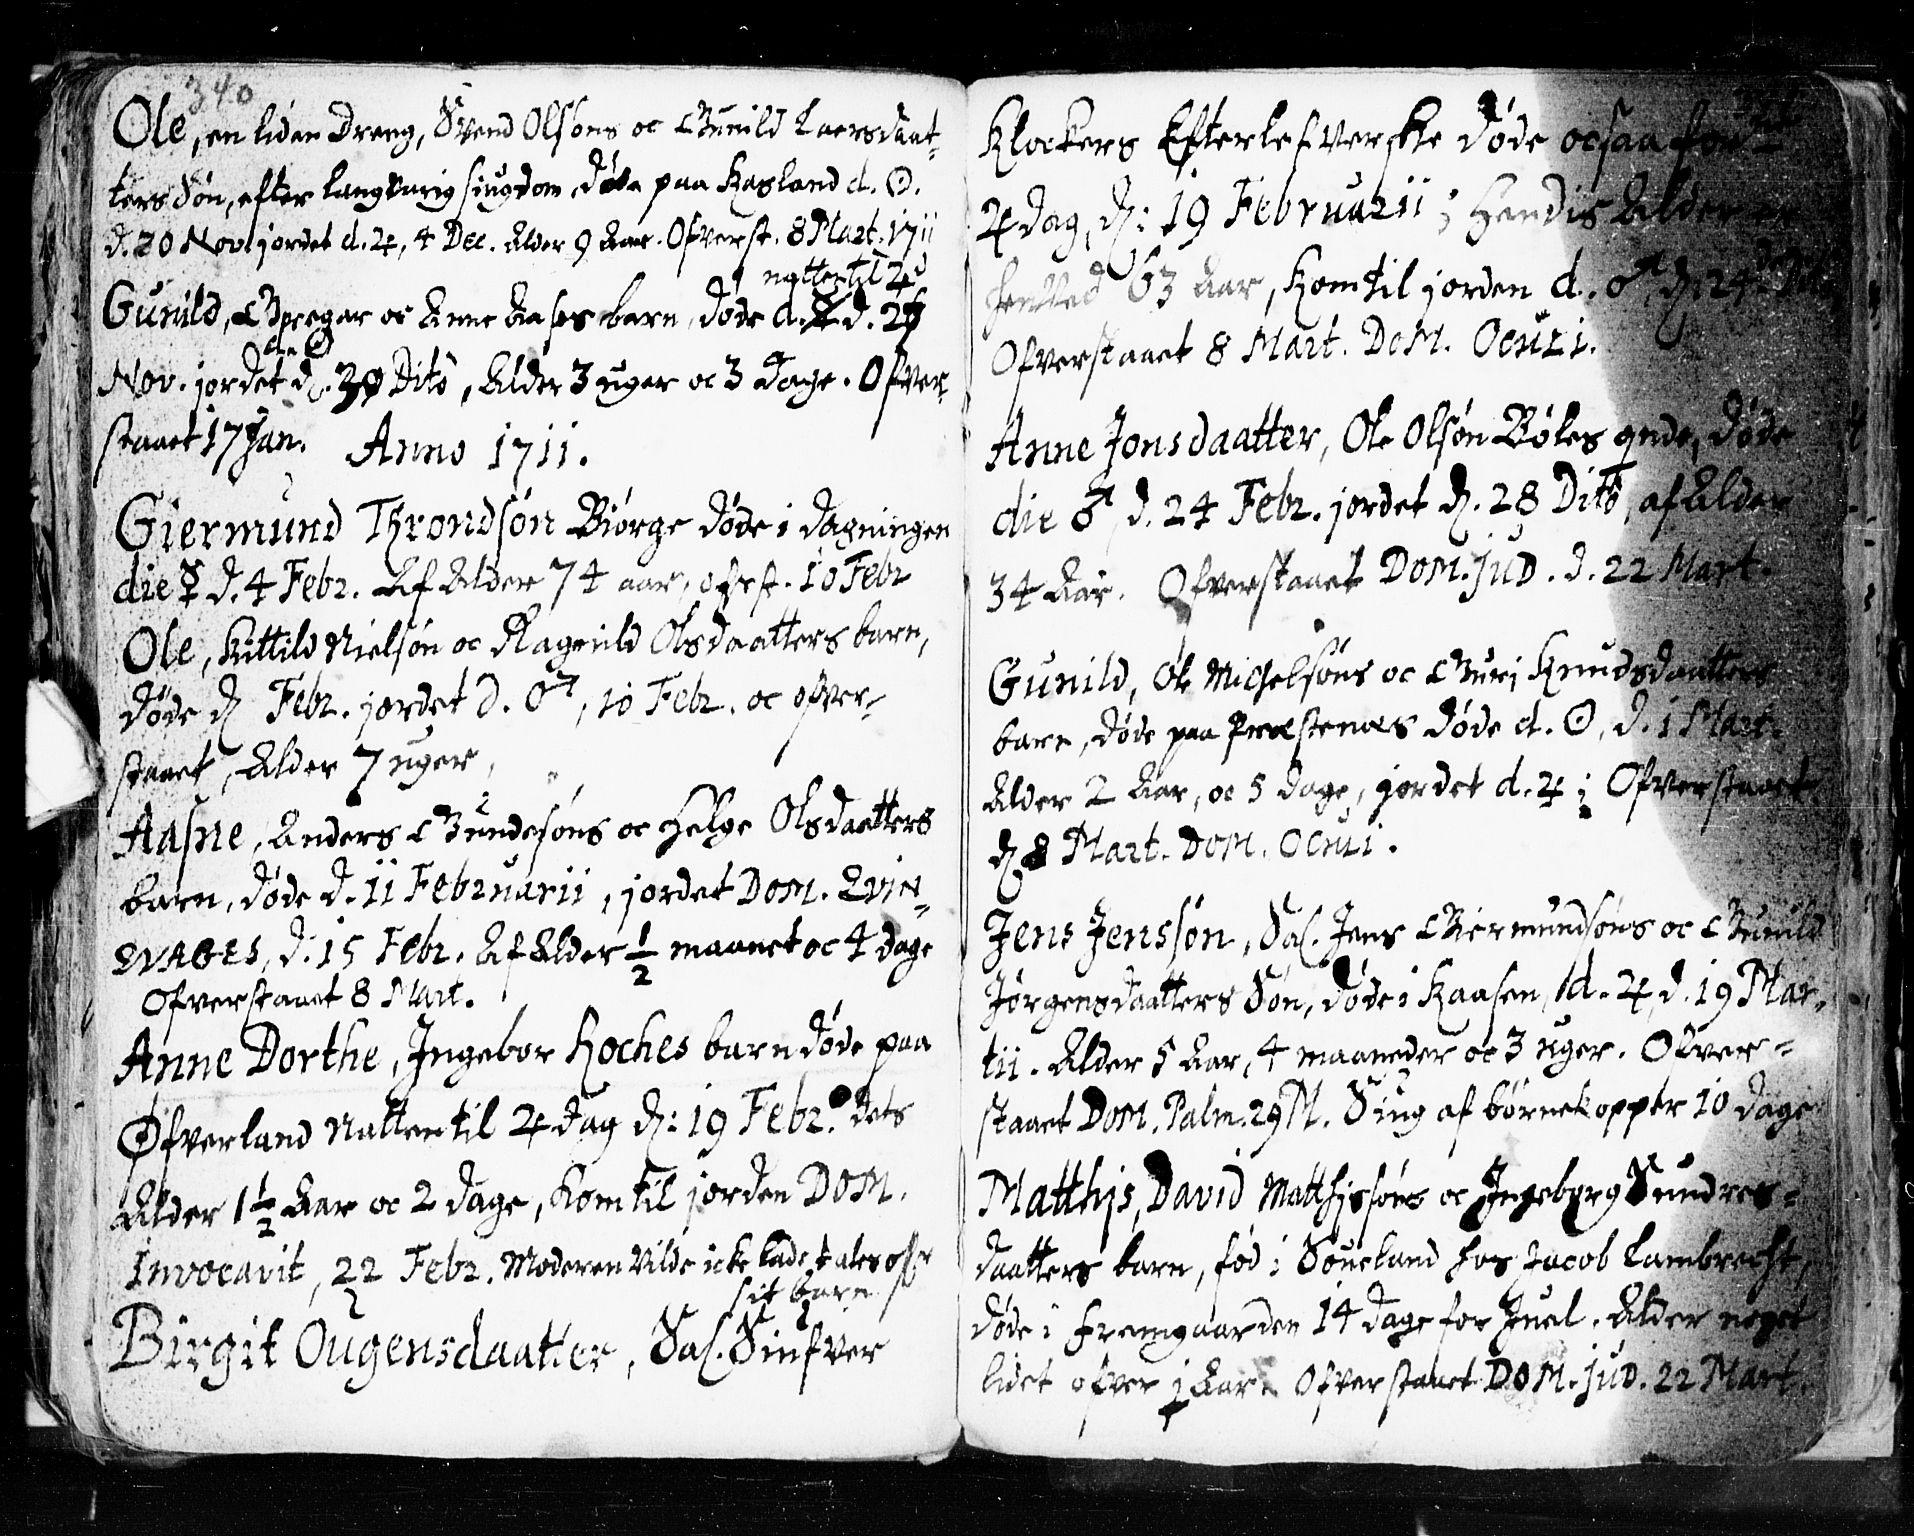 SAKO, Seljord kirkebøker, F/Fa/L0002: Ministerialbok nr. I 2, 1689-1713, s. 340-341